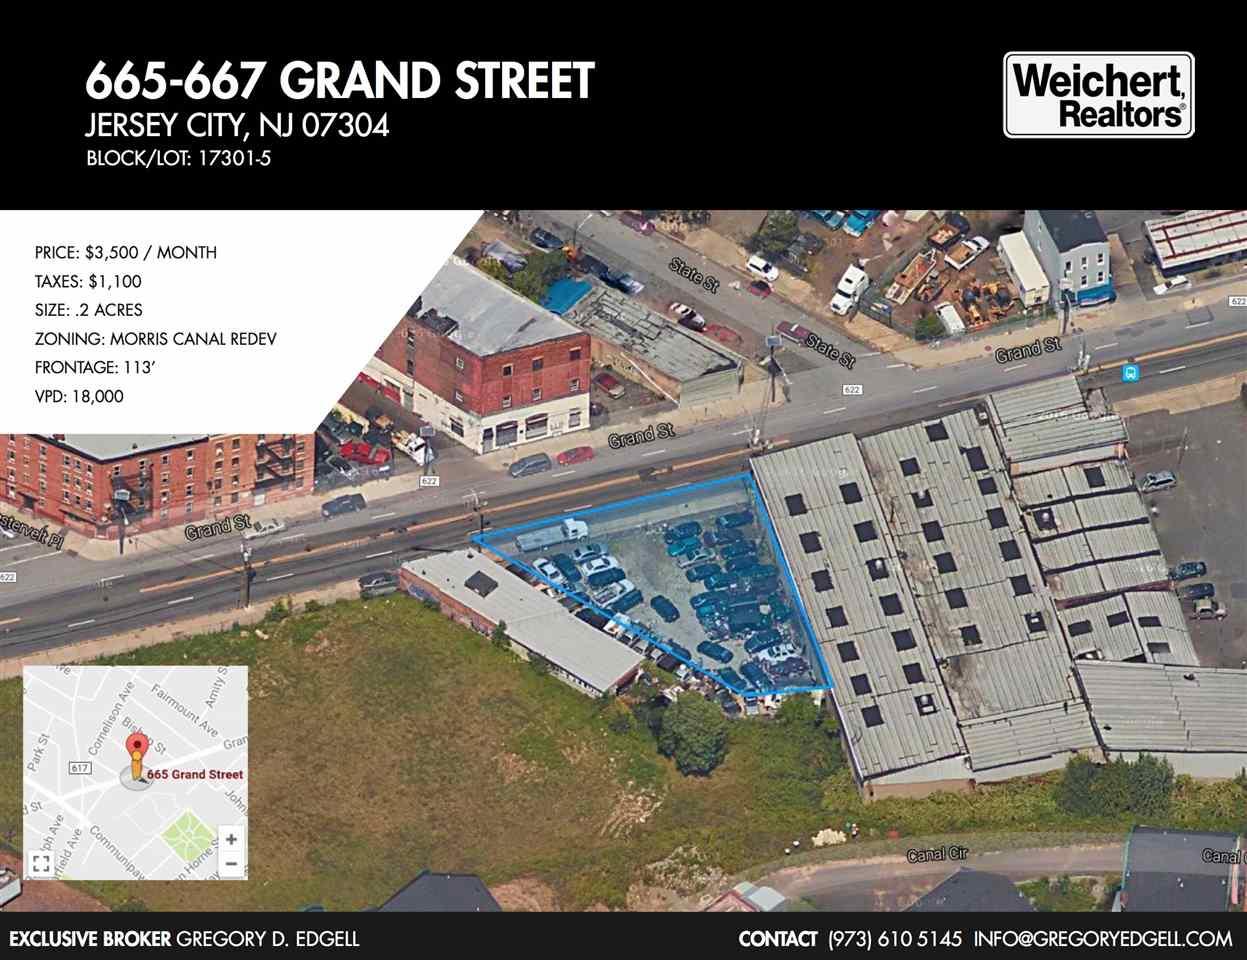 665 GRAND ST, JC, Bergen-Lafayett, NJ 07304